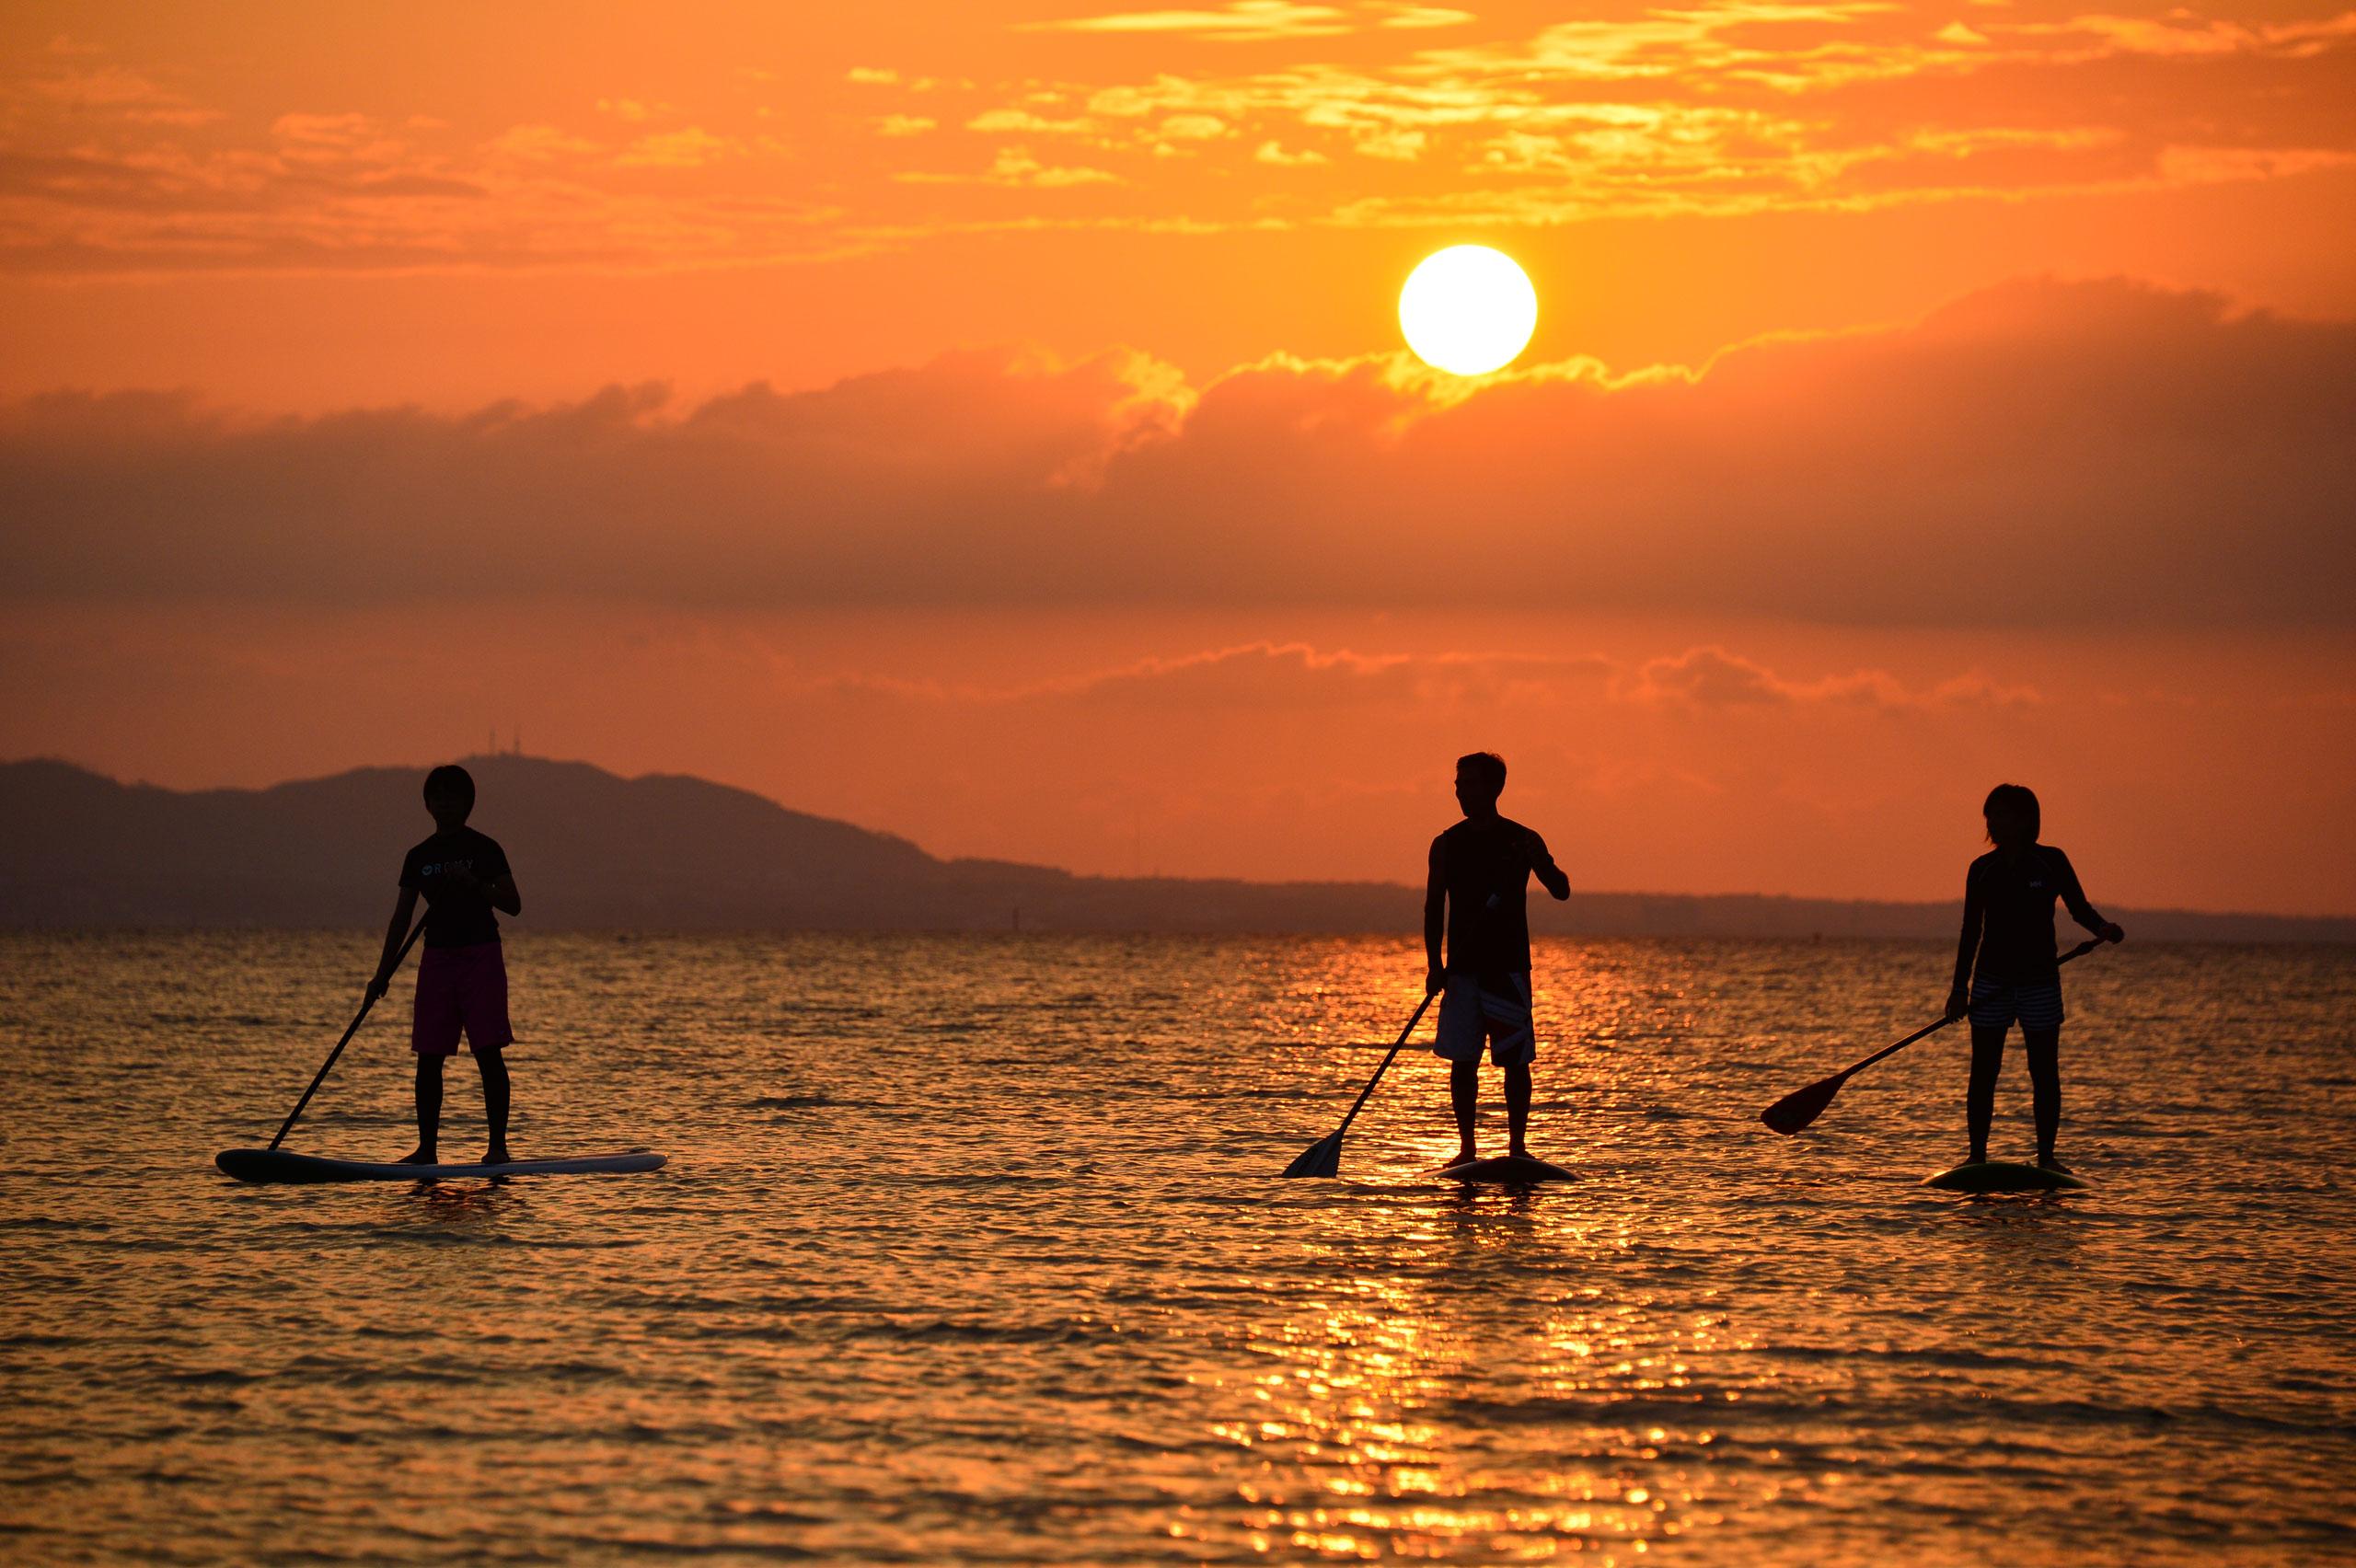 八重山諸島各地でSUPの人気急上昇中